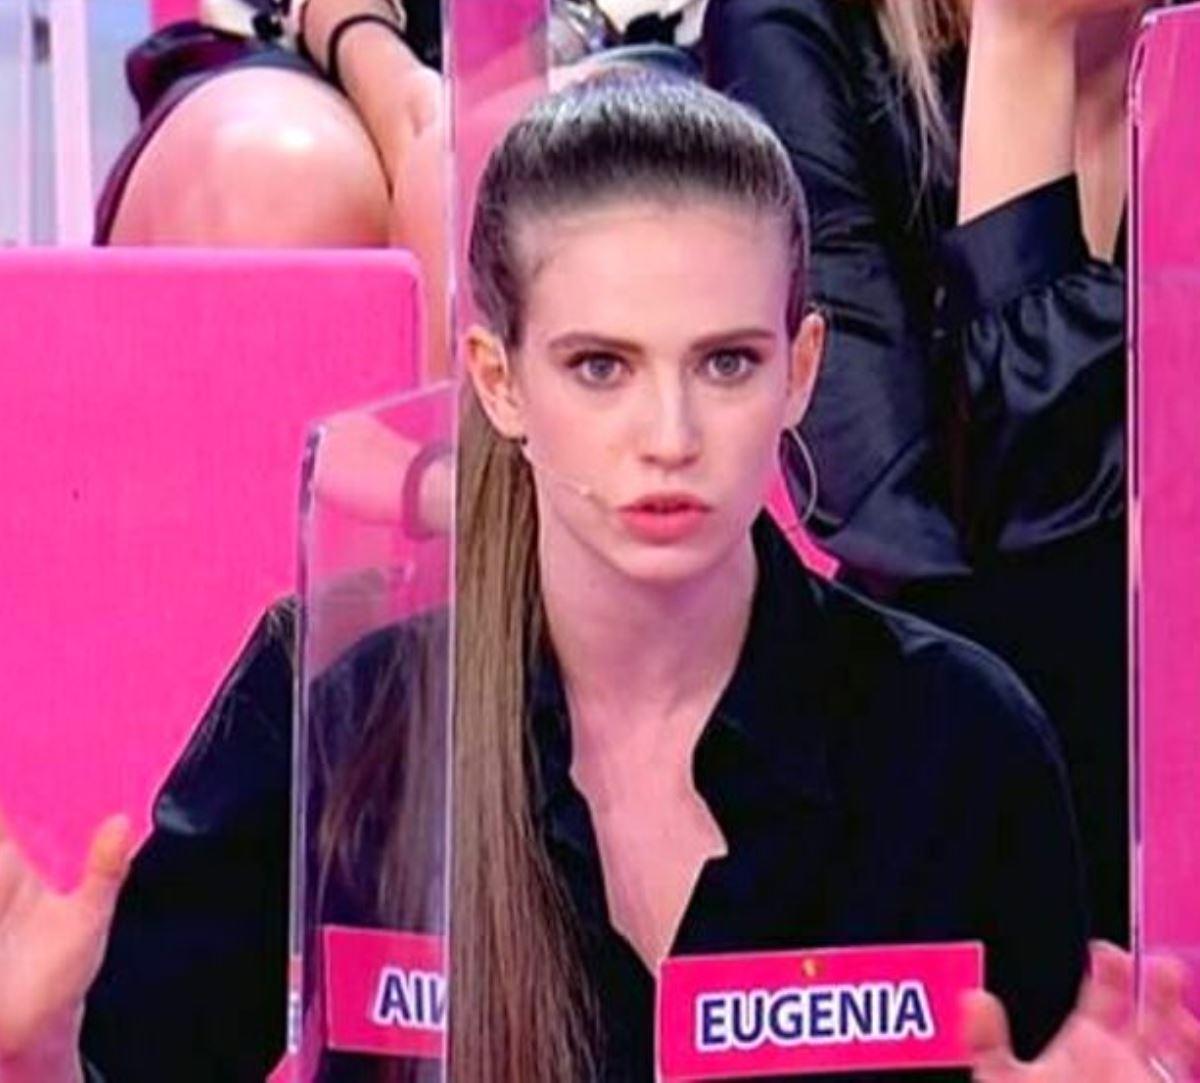 eugenia rigotti uomini e donne ccuse anoressia